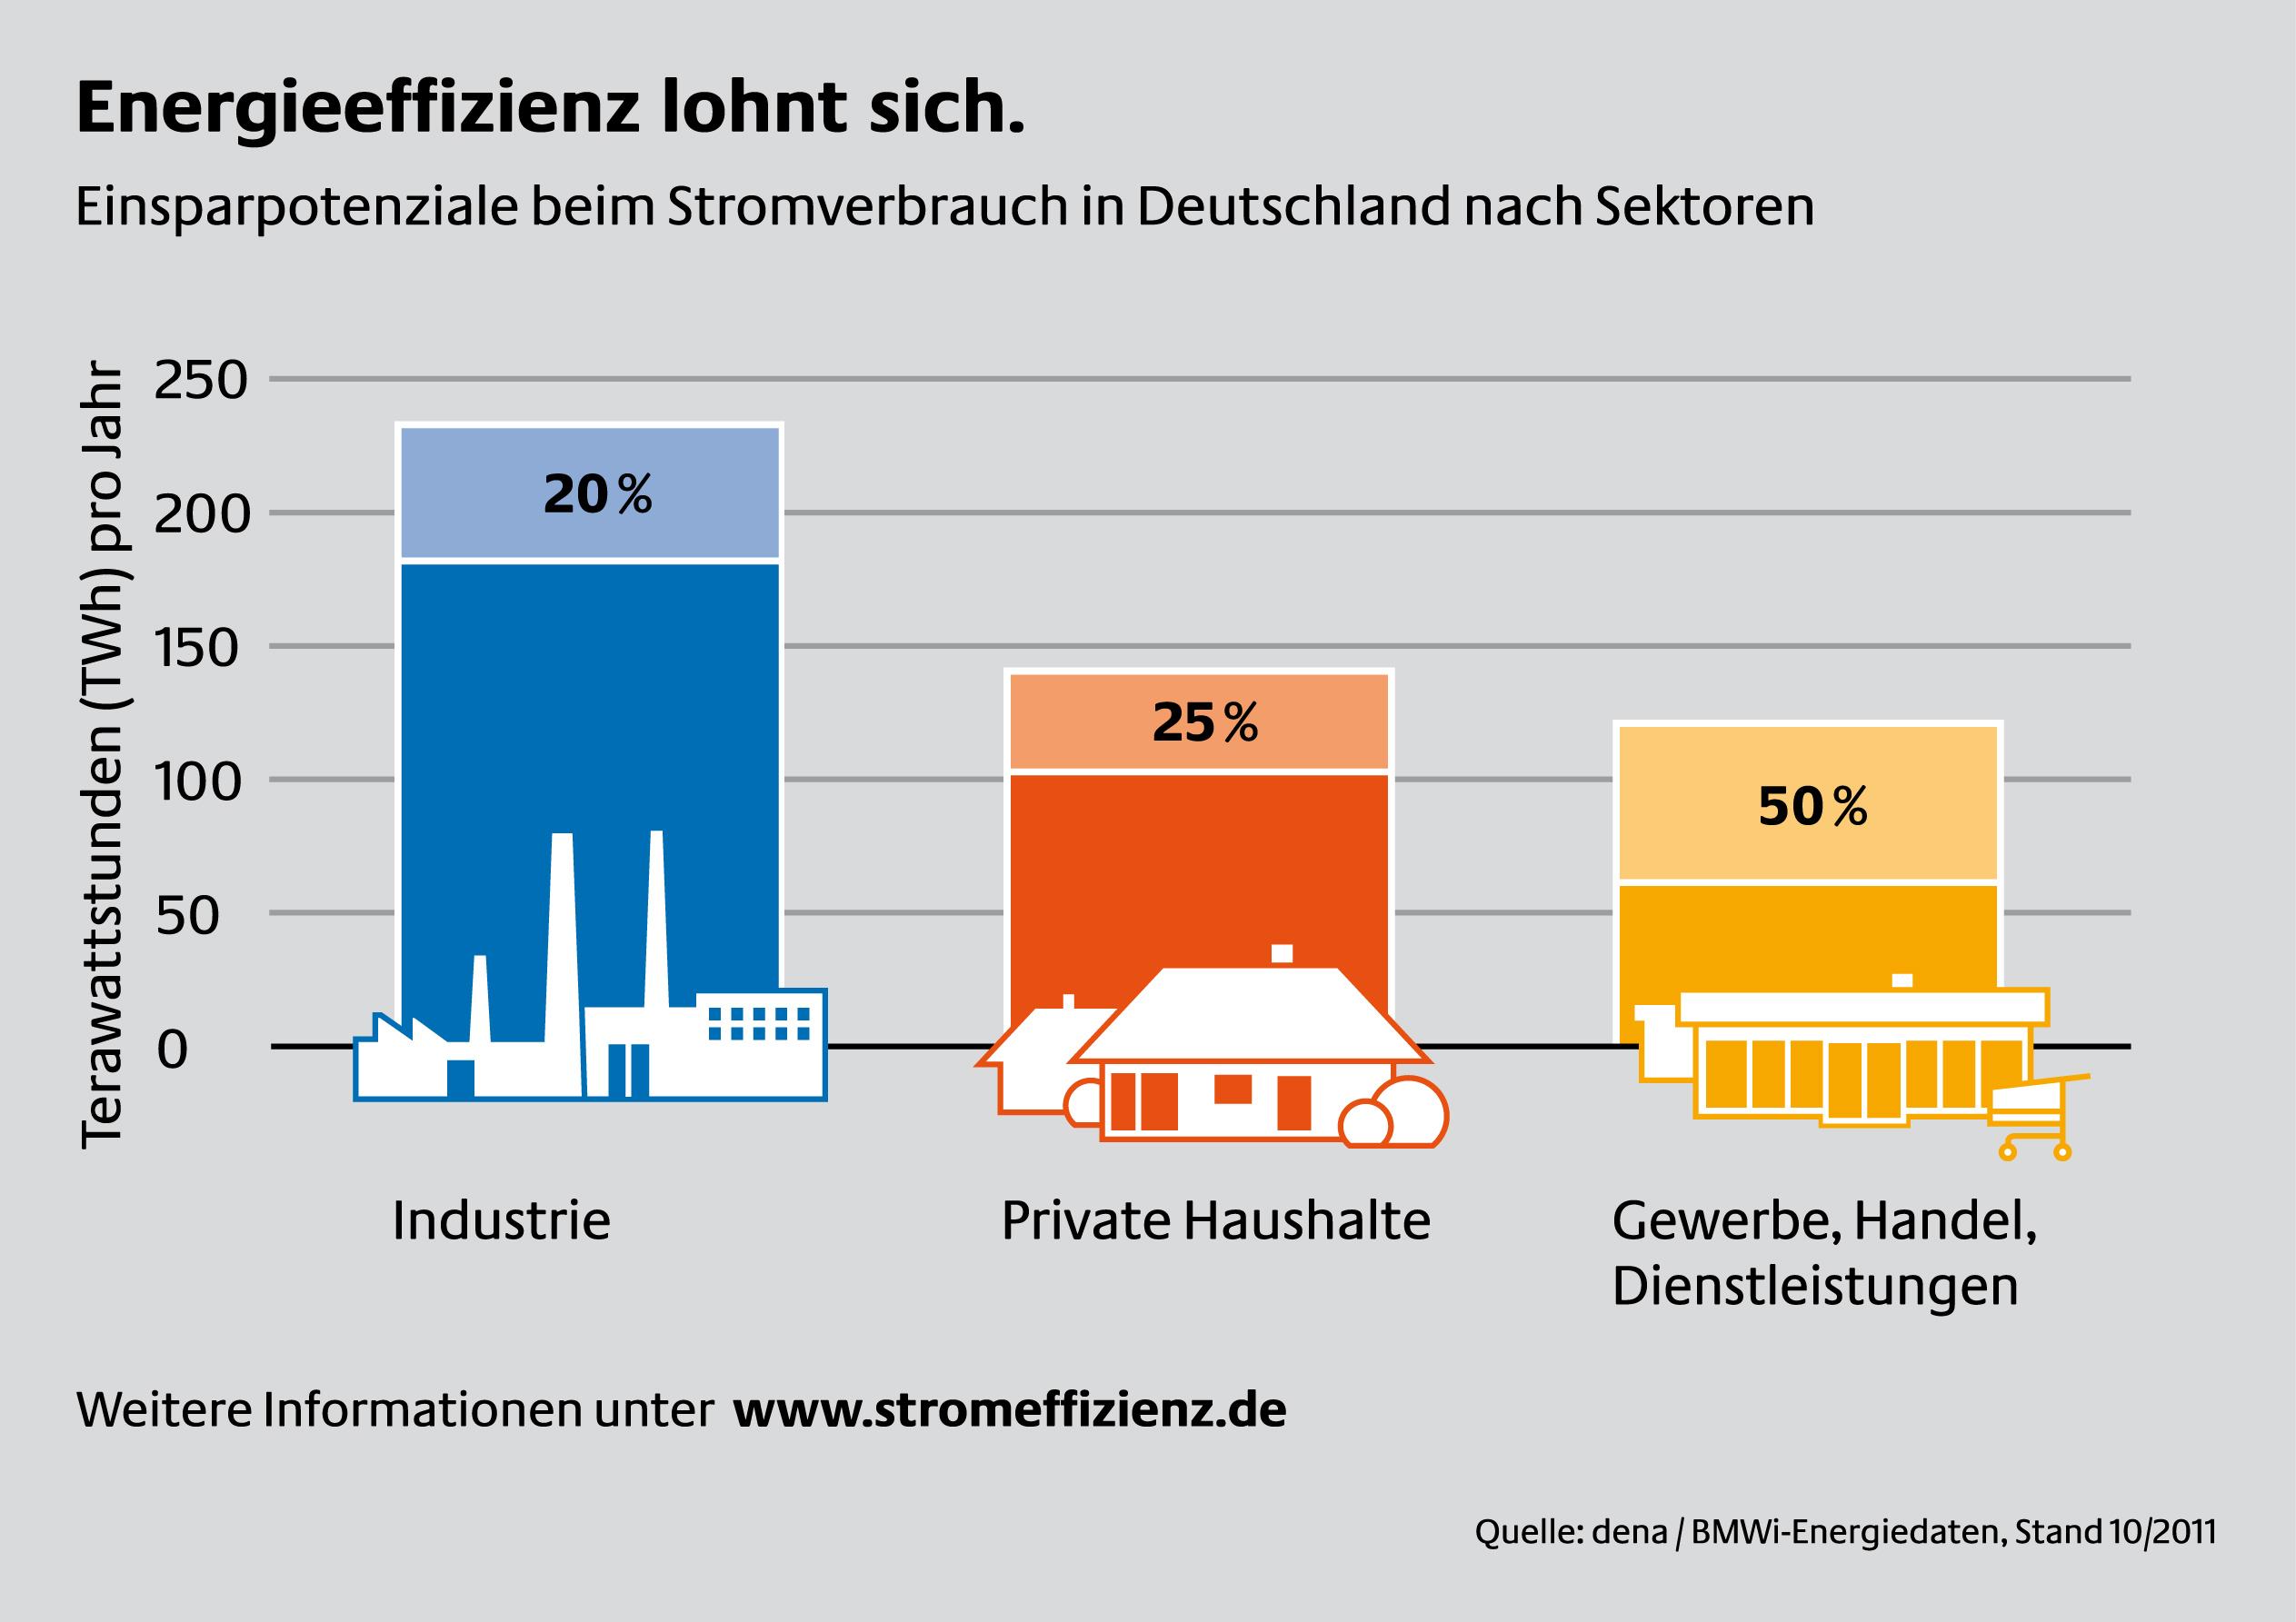 Energieeffizienz lohnt sich, Quelle: IndustrieEffizienz / dena